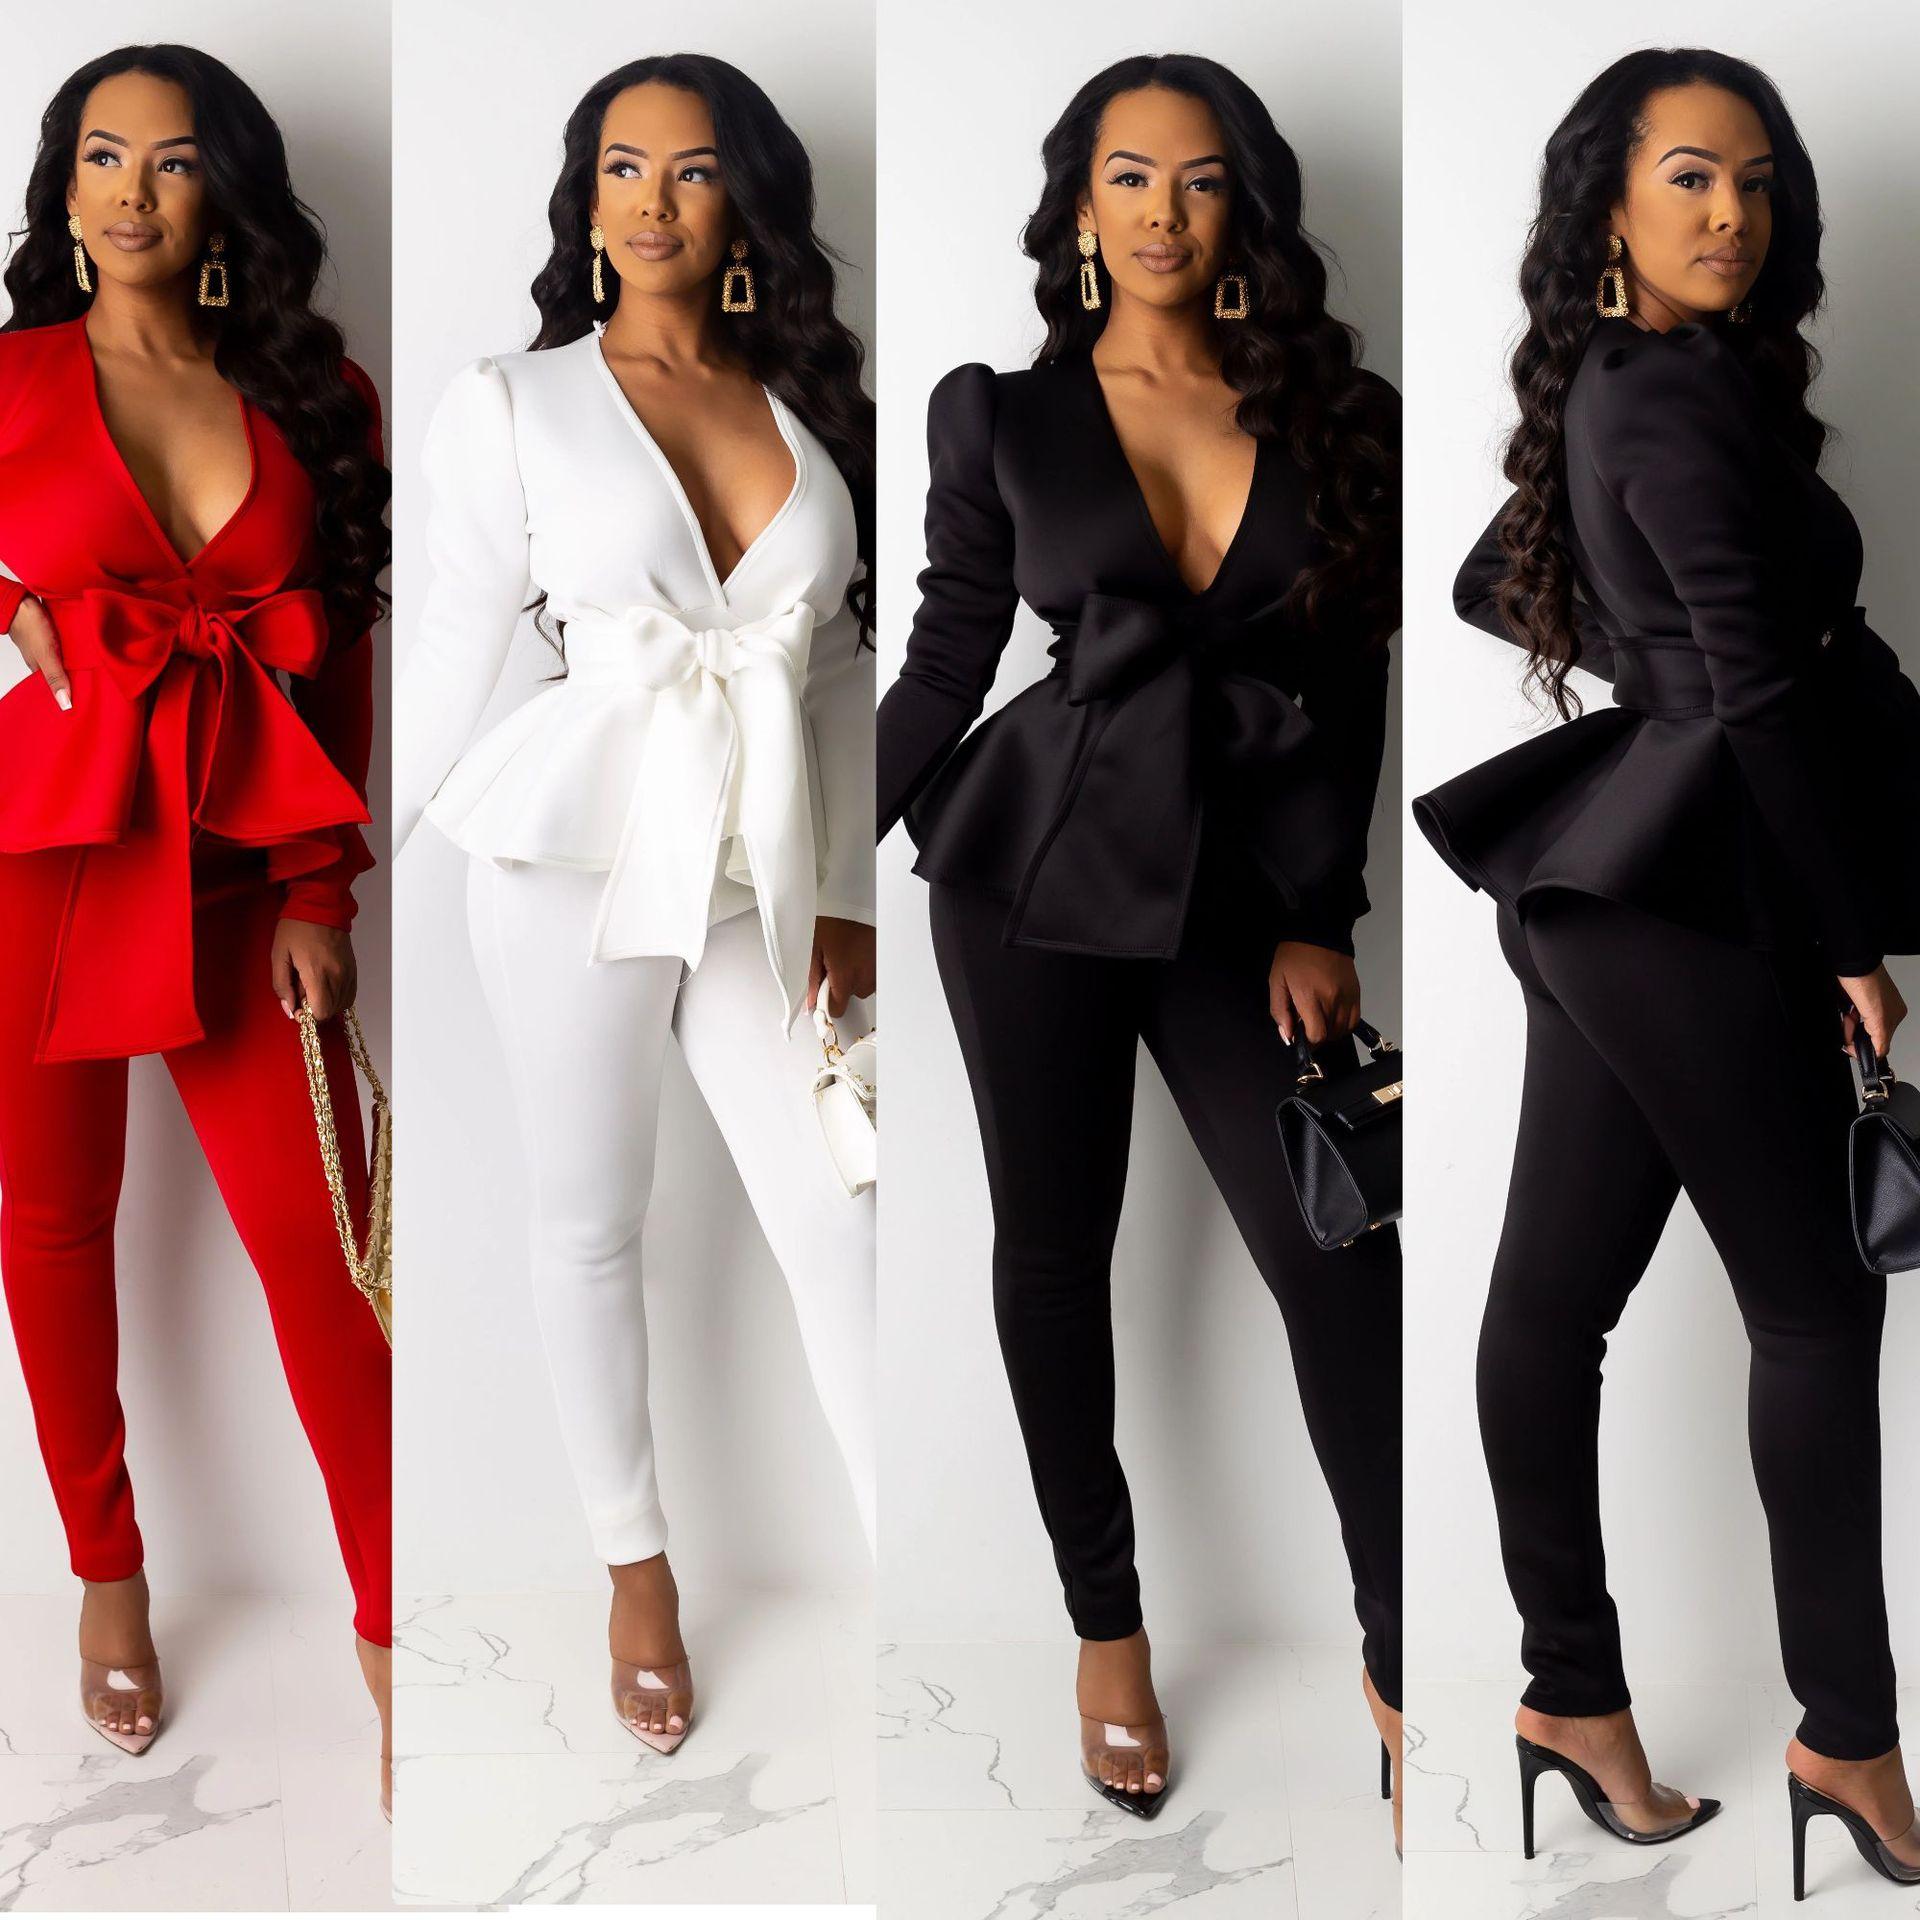 Zestaw damski zimowy damski dres Plus rozmiar Ruffles Bow Blazers spodnie garnitur 2 dwuczęściowy zestaw Office Lady Business jednolite stroje